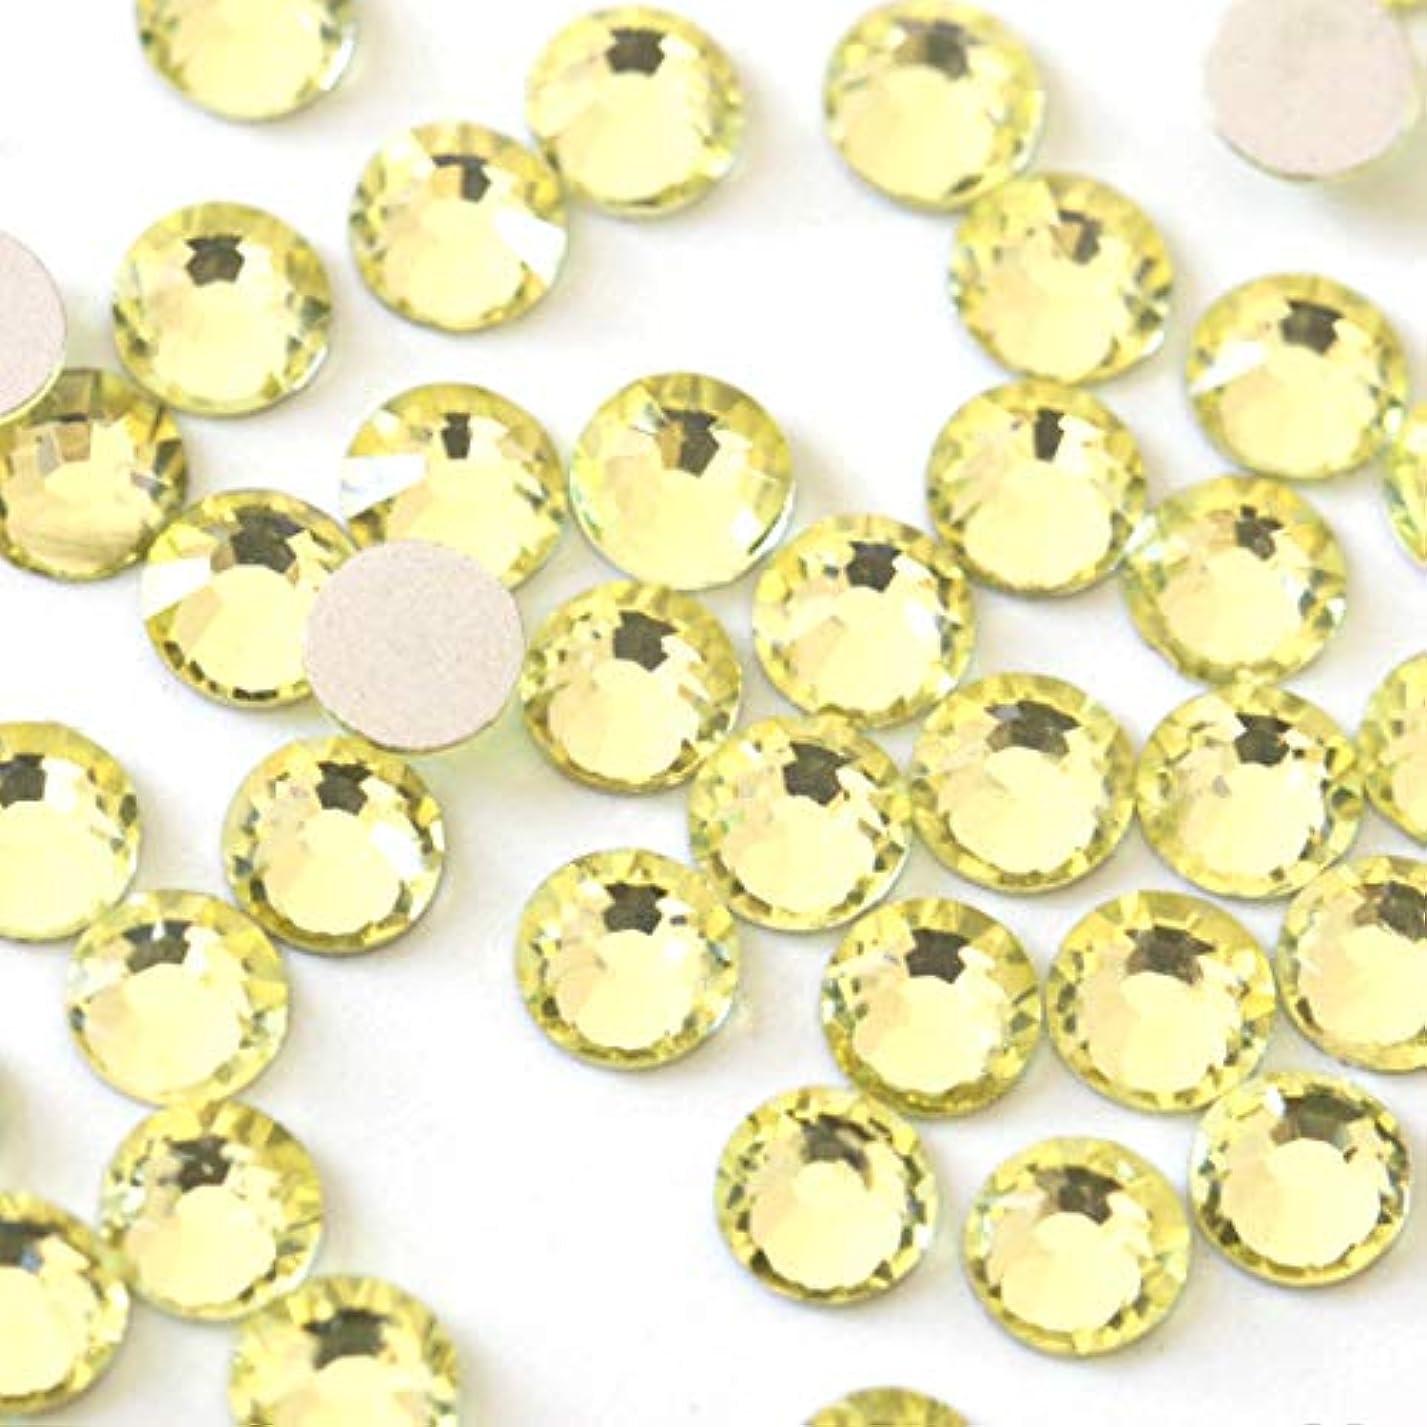 発音すると遊ぶディーラー【ラインストーン77】高品質ガラス製ラインストーン ジョンキル(2.6mm (SS10) 約200粒)